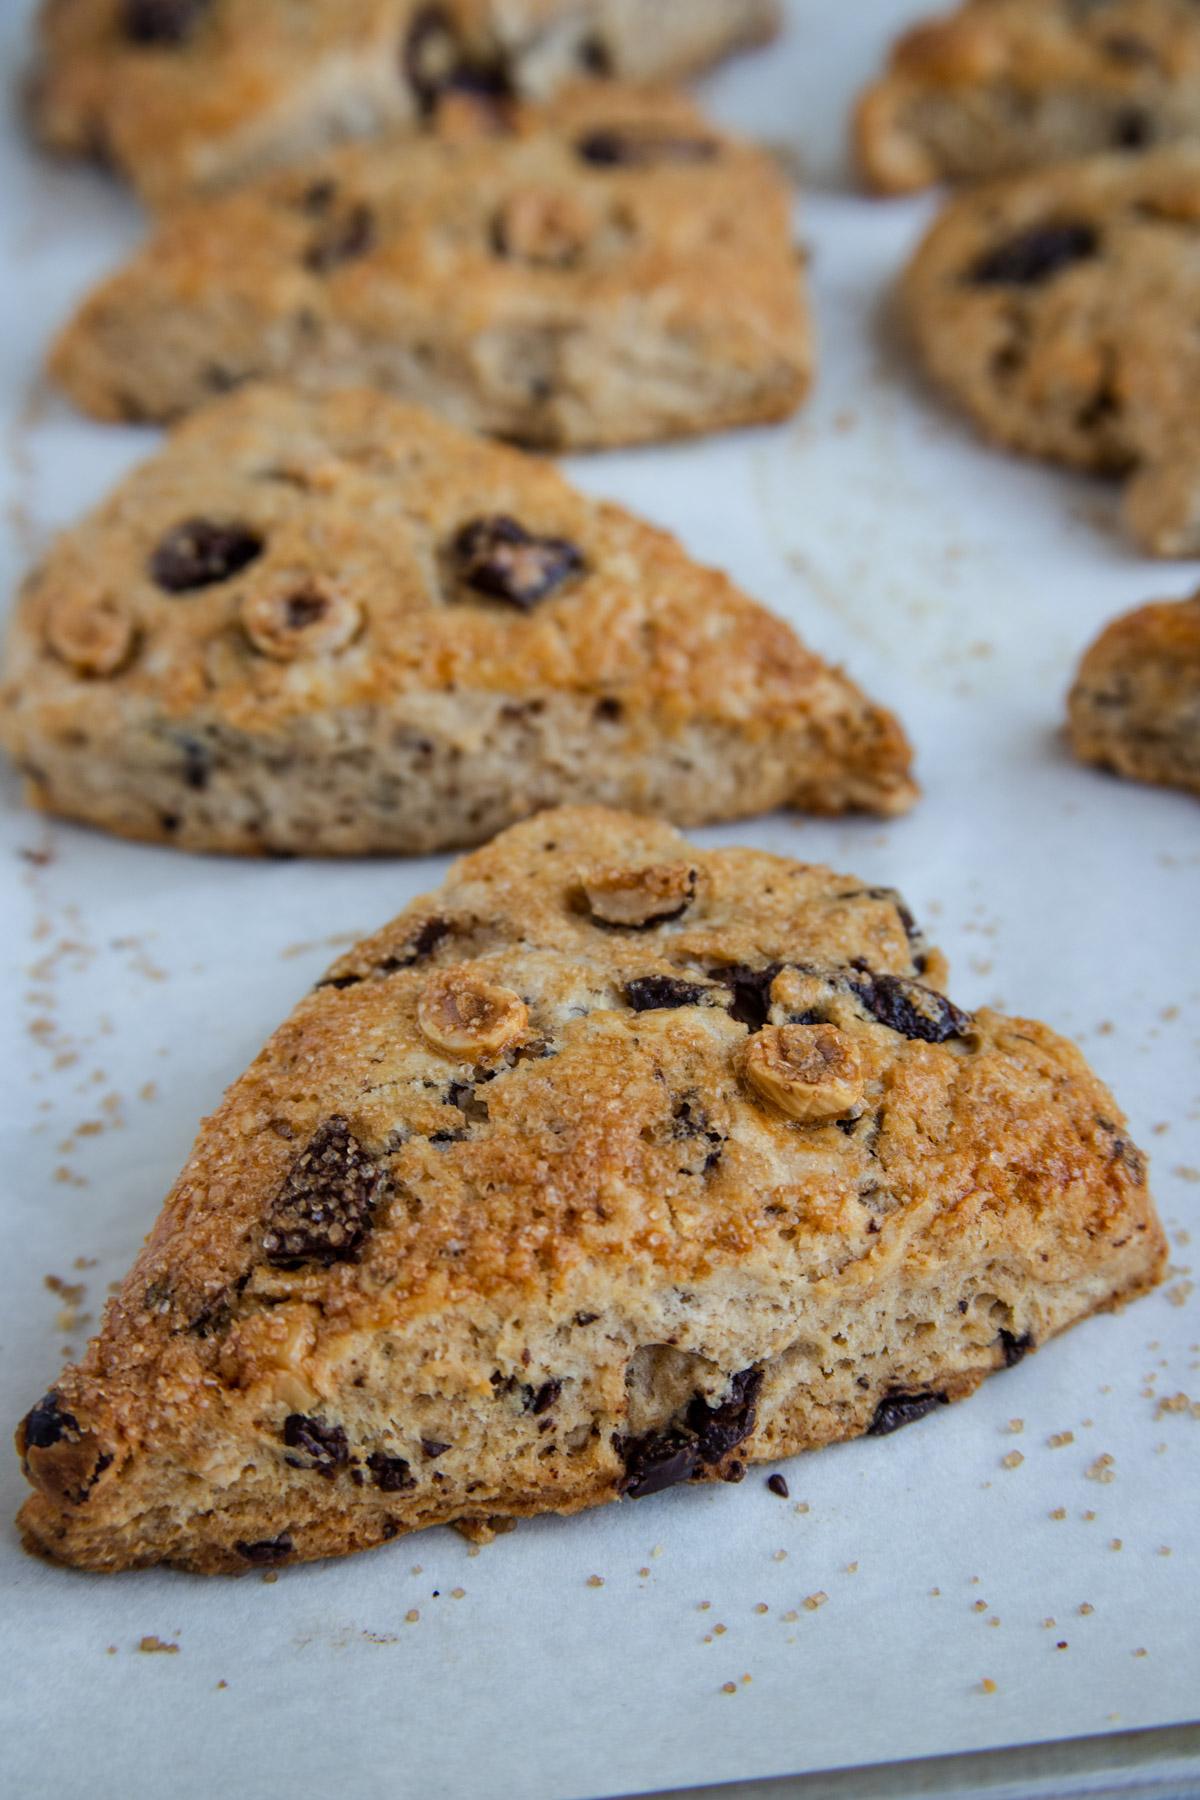 Baked chocolate hazelnut scones on the baking sheet